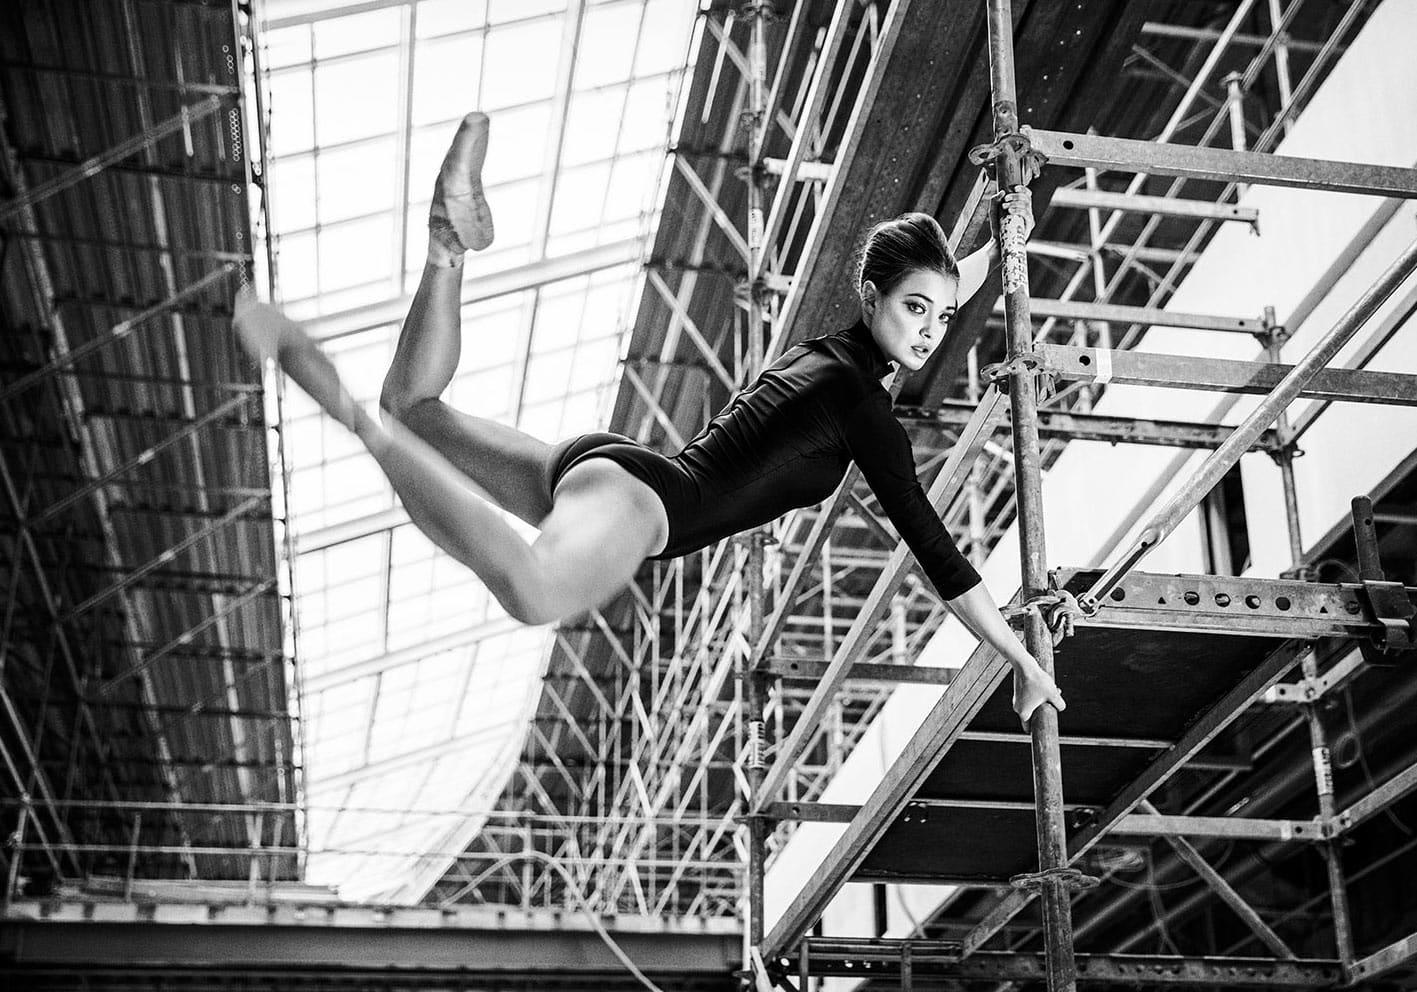 Ballerina #02 fot. Szymon Brodziak